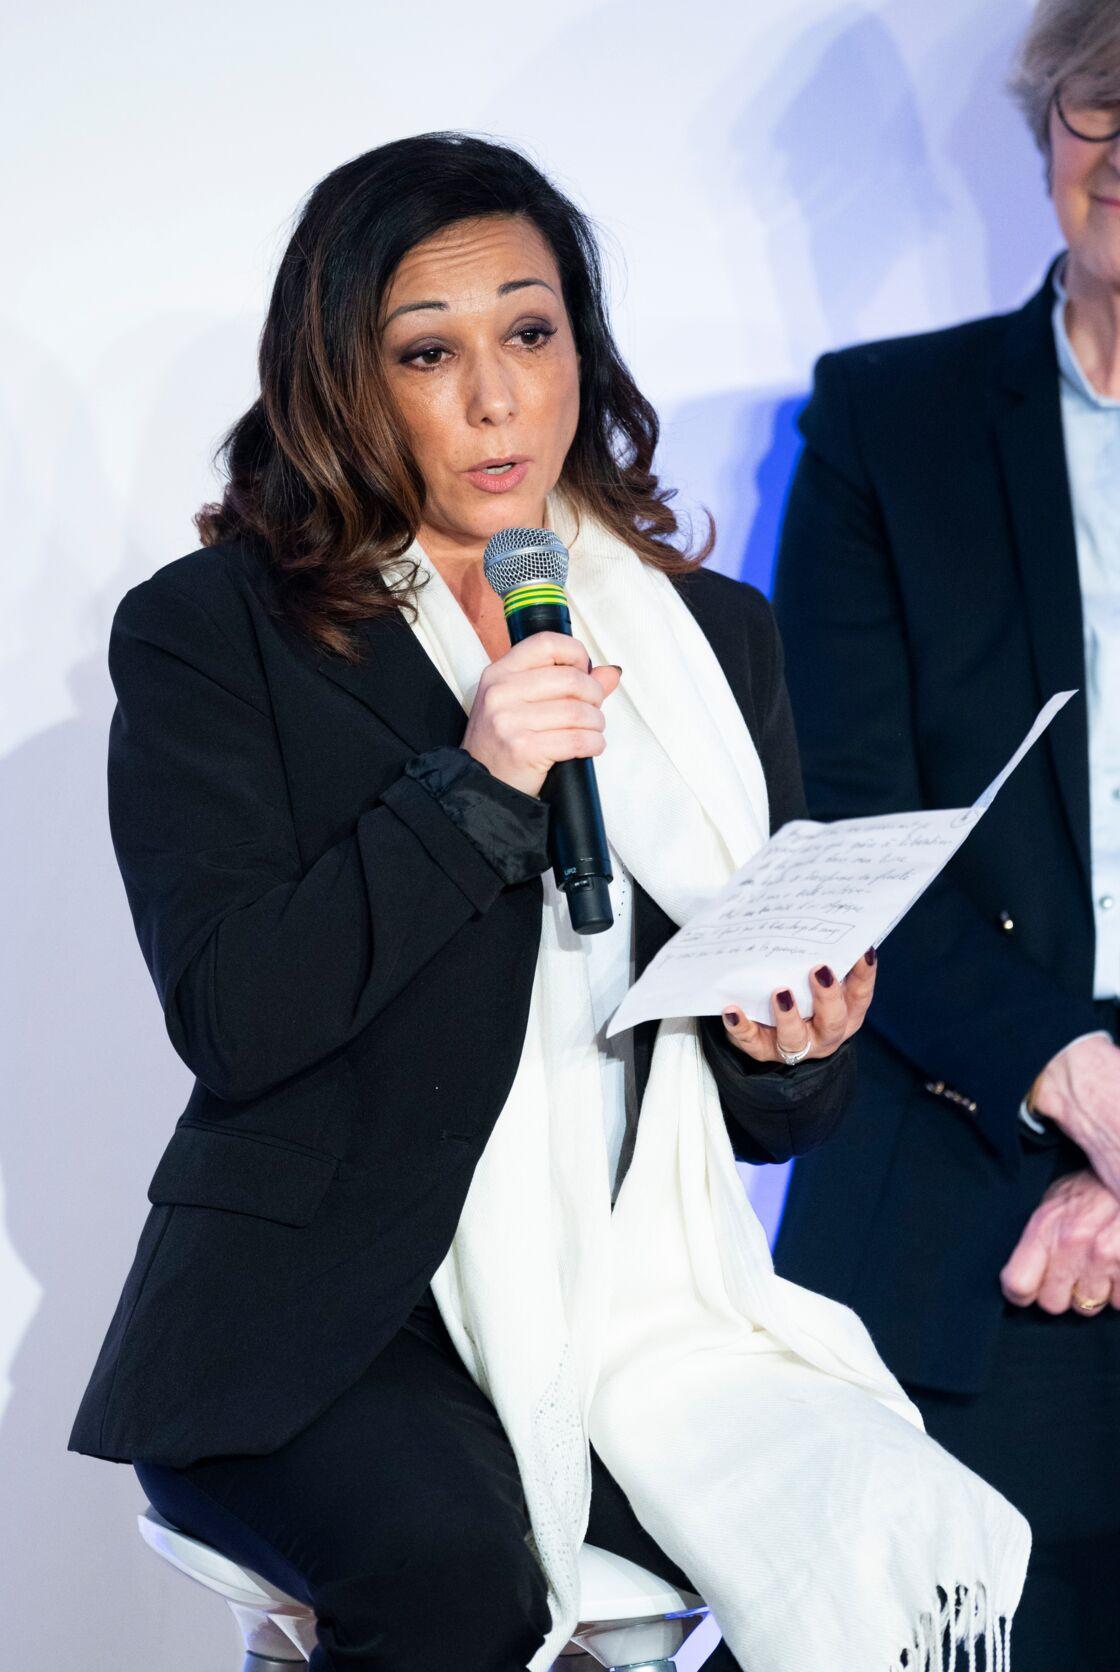 Sarah Abitbol, lors de la Convention nationale pour la prévention de la violence sexuelle dans le sport à Paris le 21 février 2020.